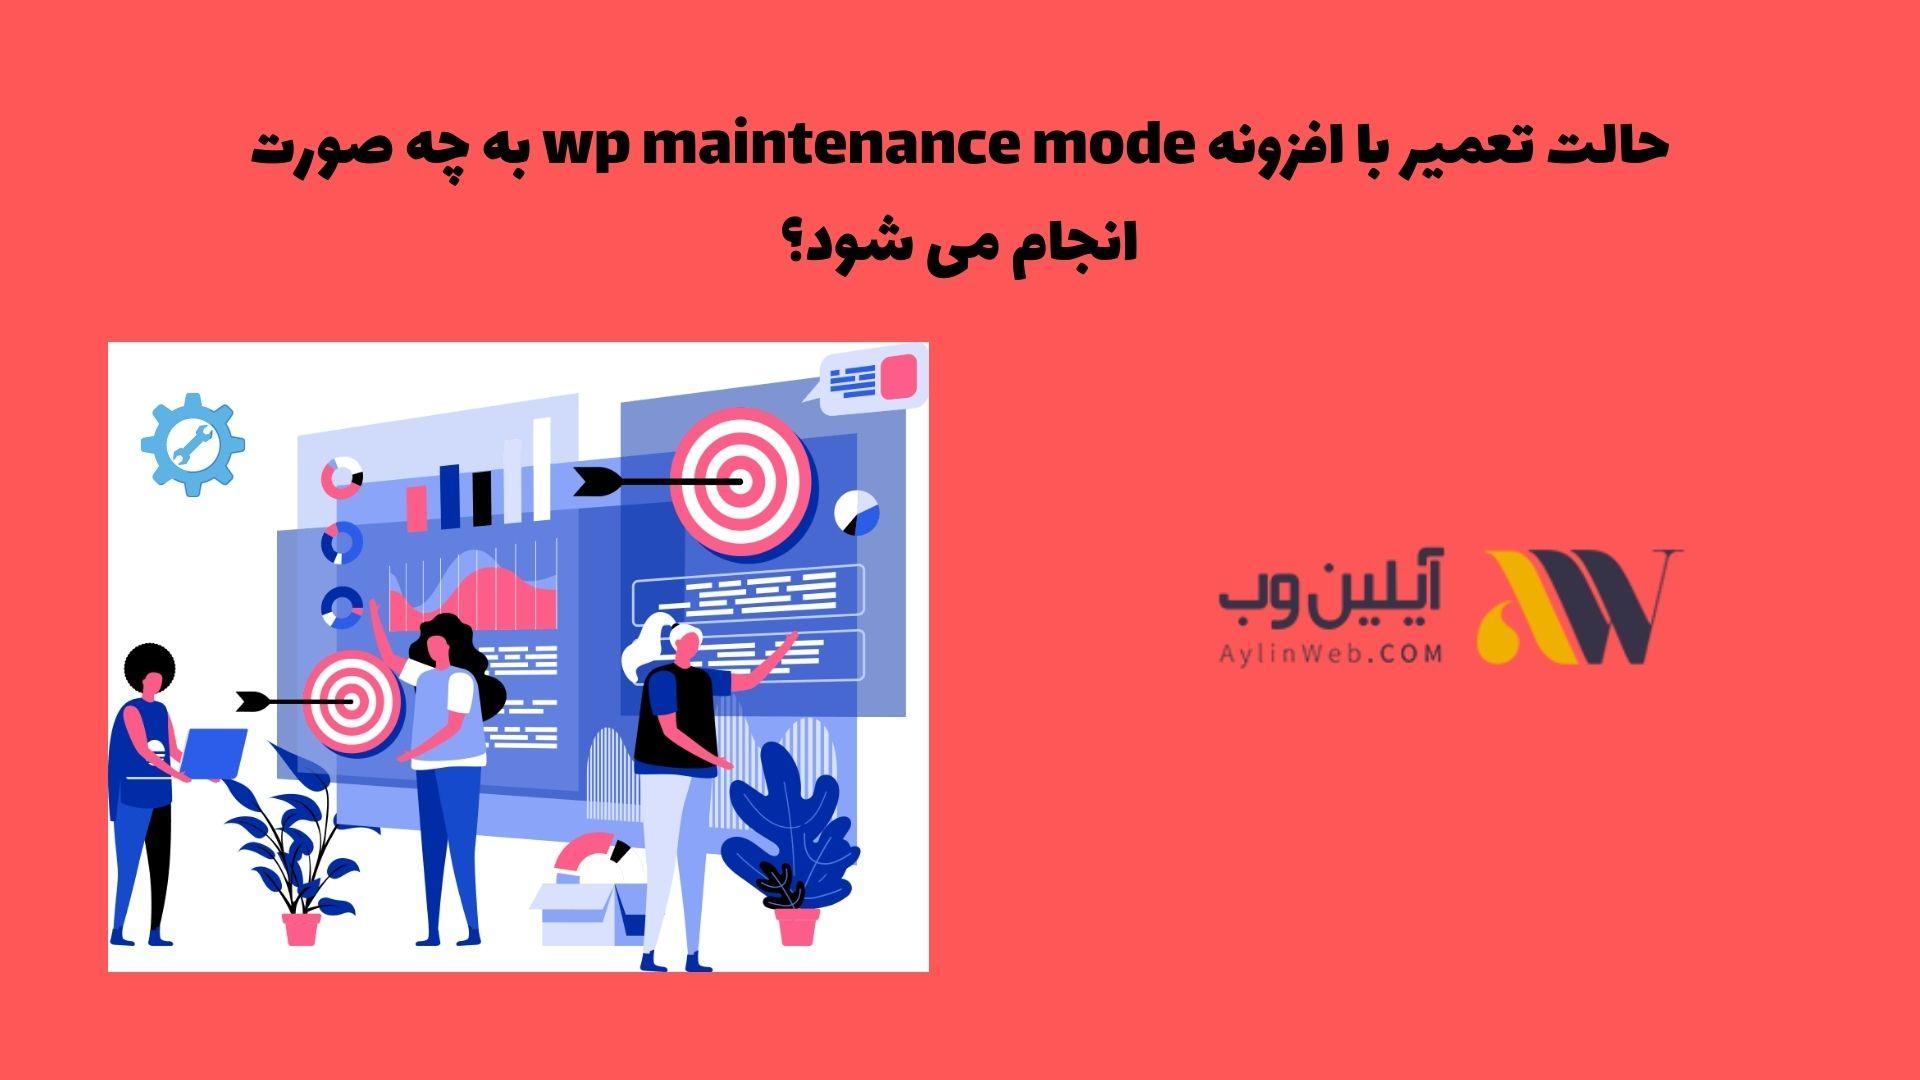 حالت تعمیر با افزونه wp maintenance mode به چه صورت انجام می شود؟